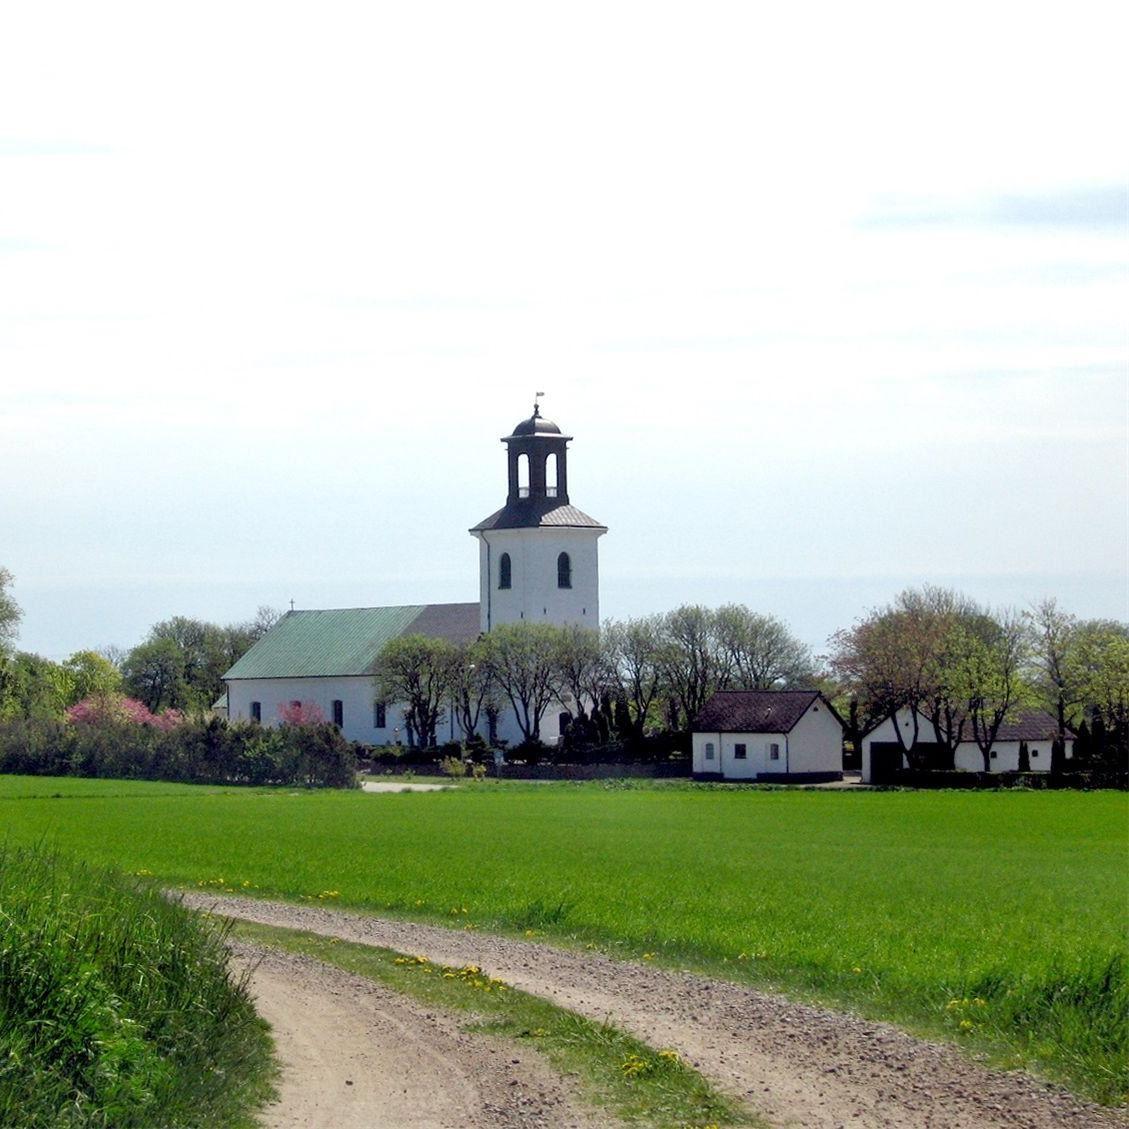 © Kävlinge kommun, Västra Karaby kyrka